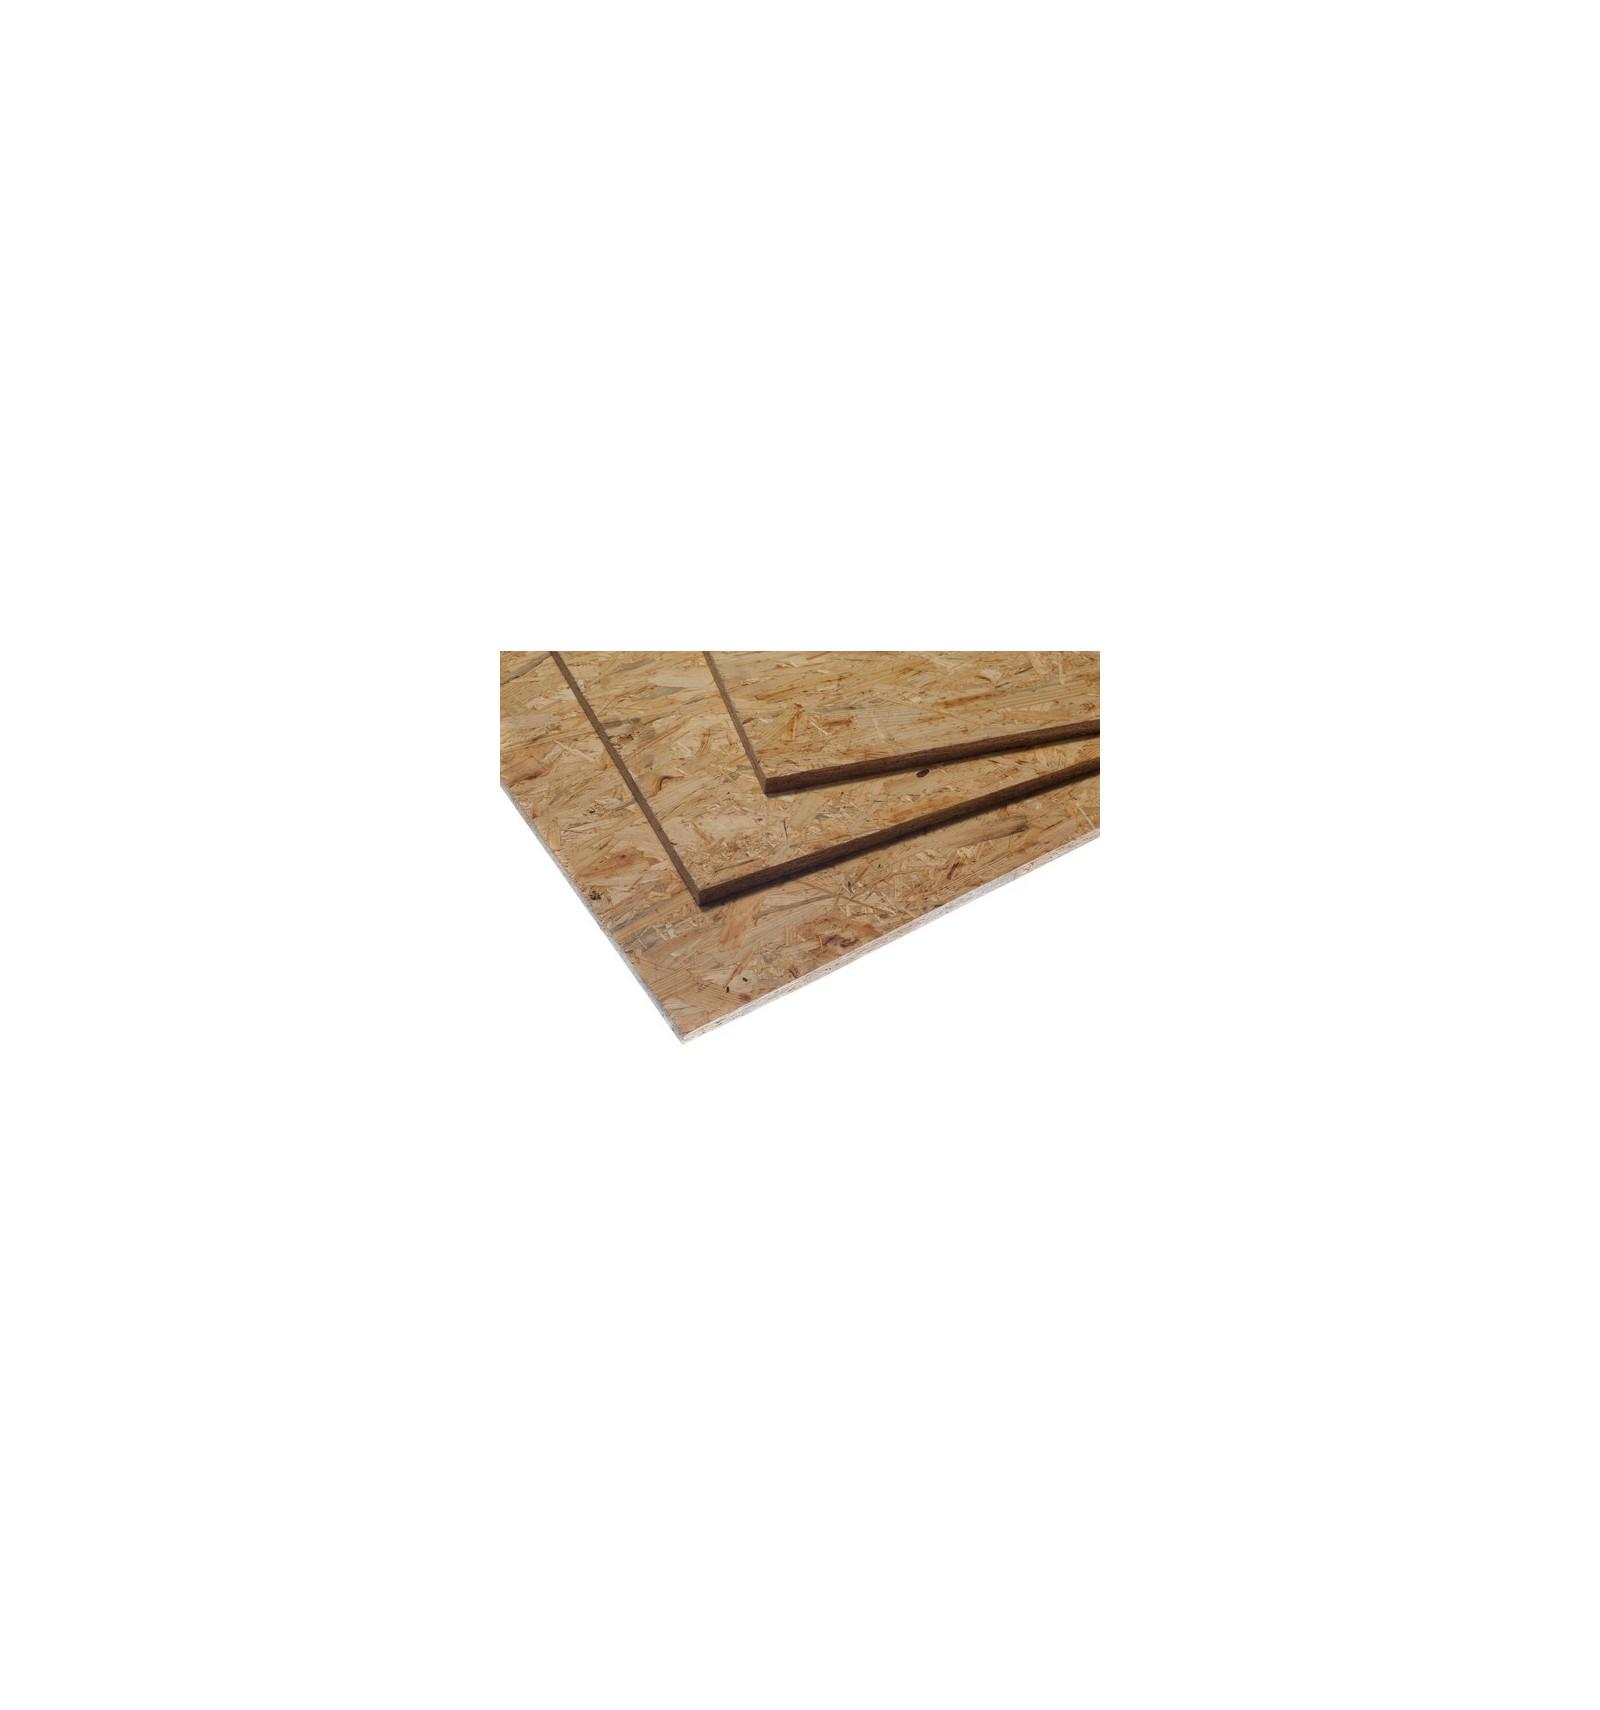 Tablero osb 3 de 15mm espesor madera garden - Precio tablero osb ...